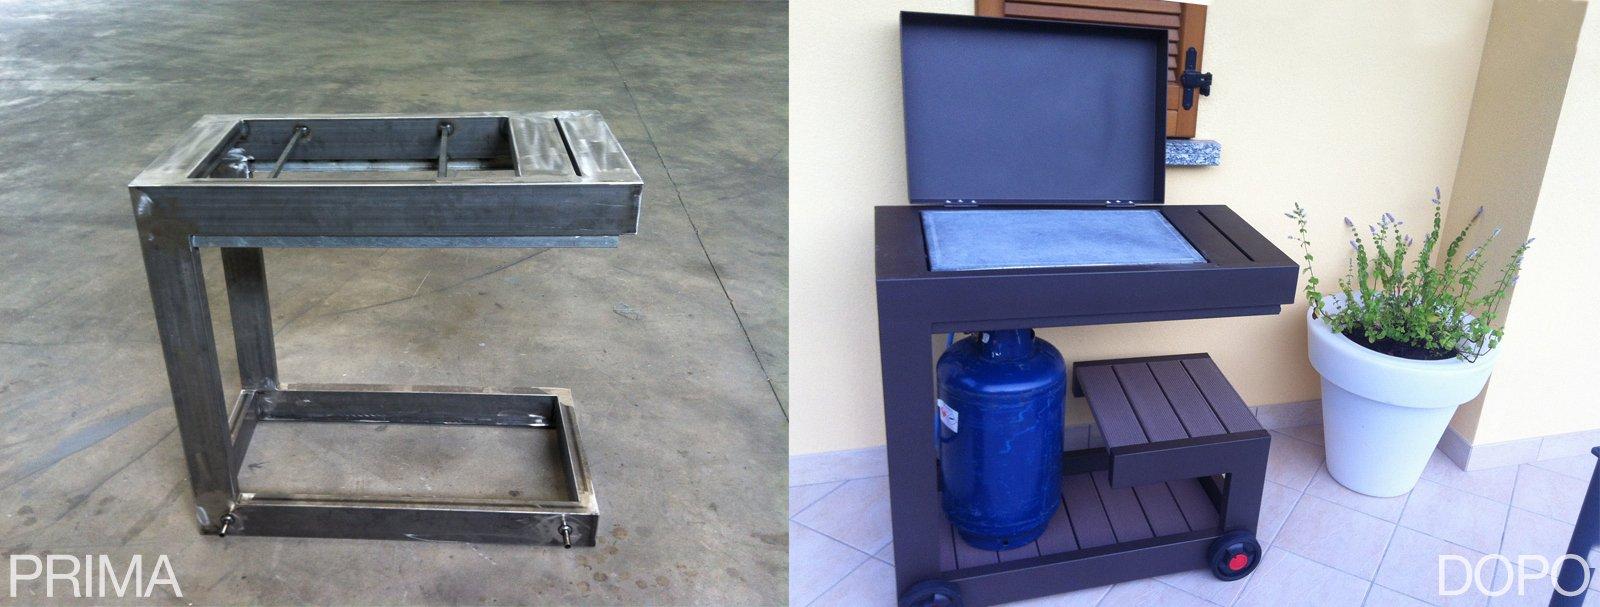 Come costruire un barbecue cose di casa for Come costruire un progetto